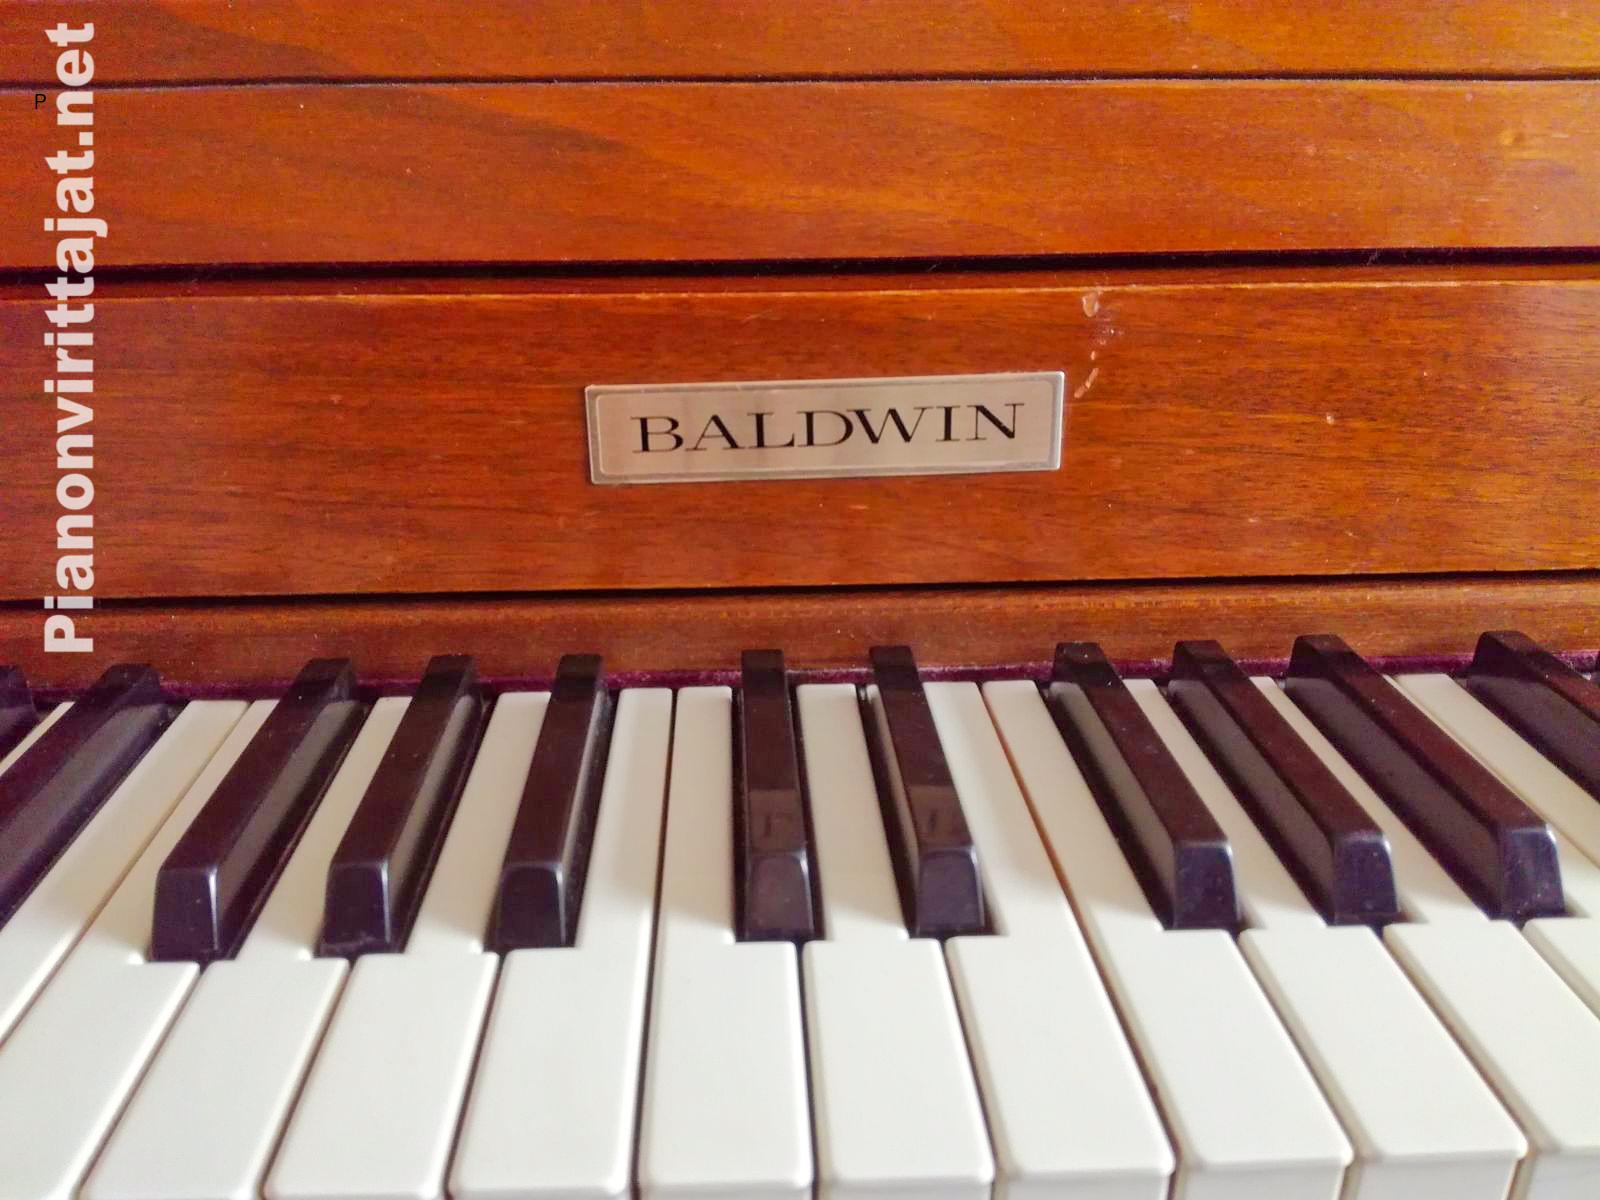 Pianonvirittäjät - Piano brands